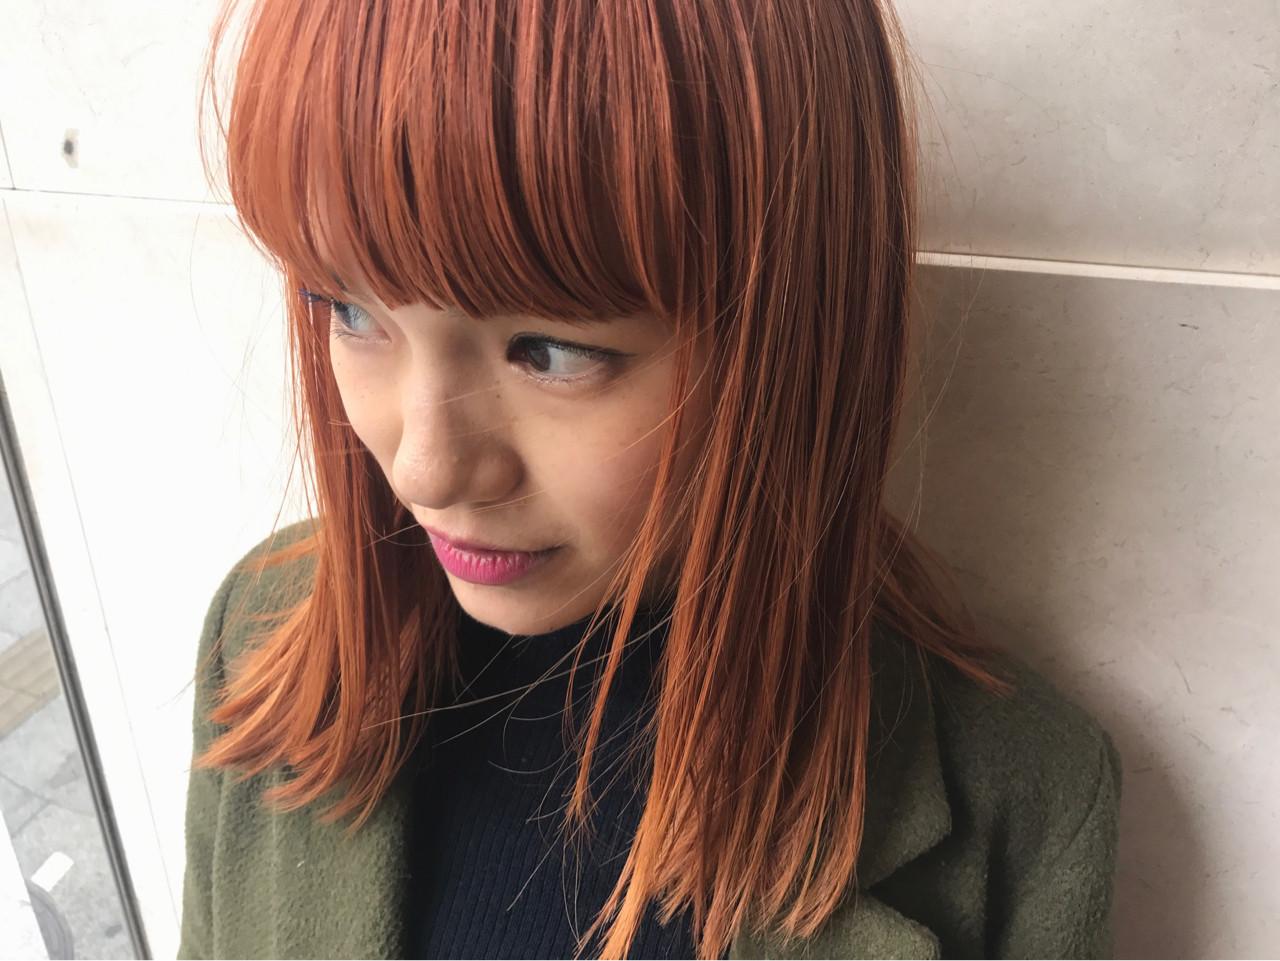 オレンジヘアカラー×ミディアムで大人っぽ♡ 野間祐樹